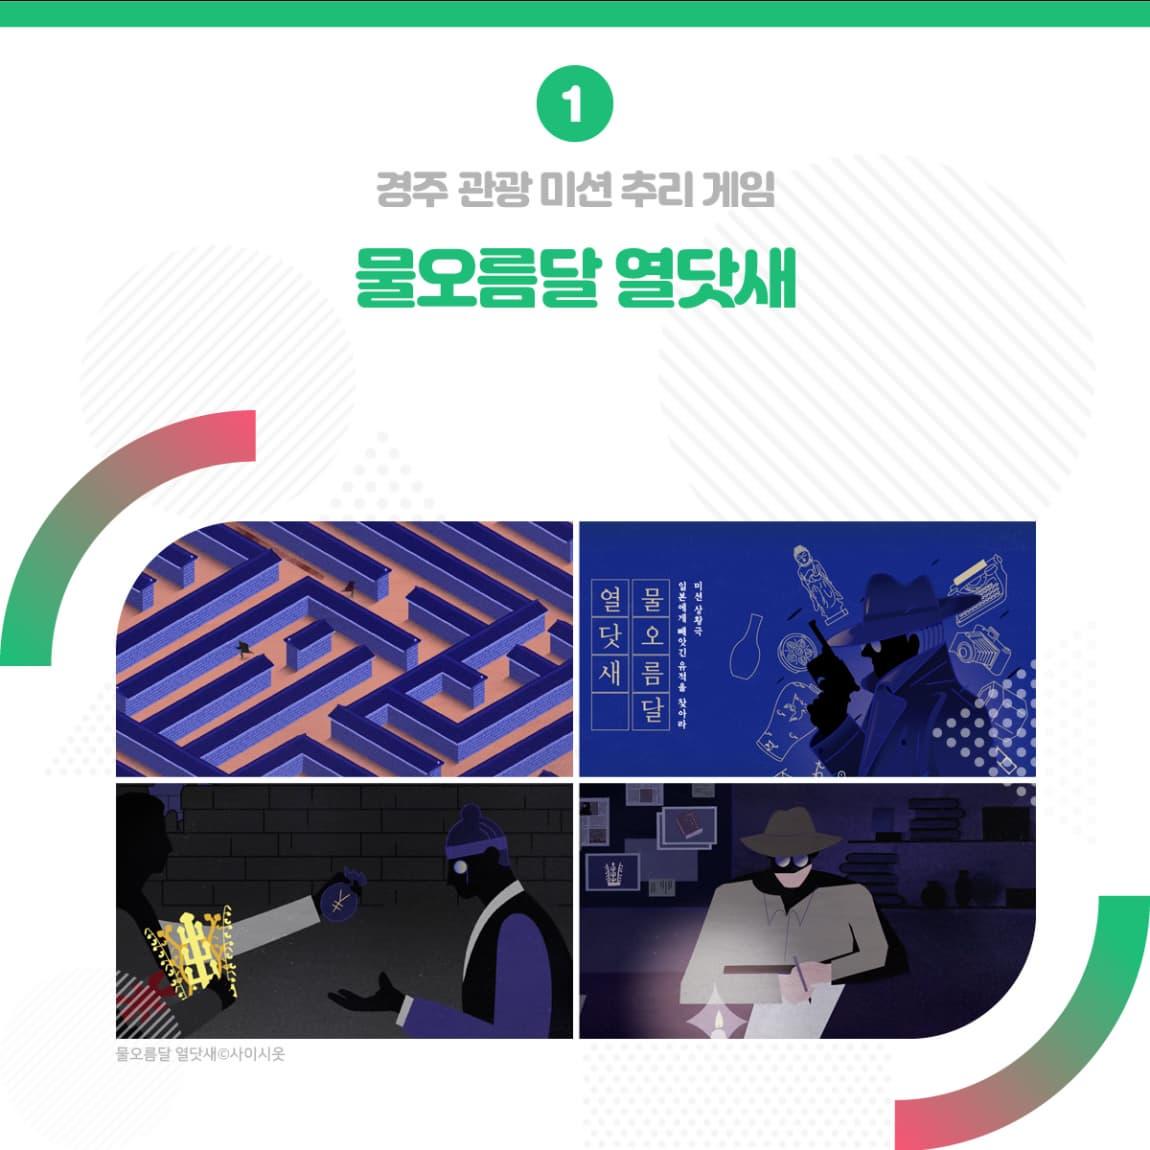 1. 경주 관광미션 추리 게임 물오름달 열닷새